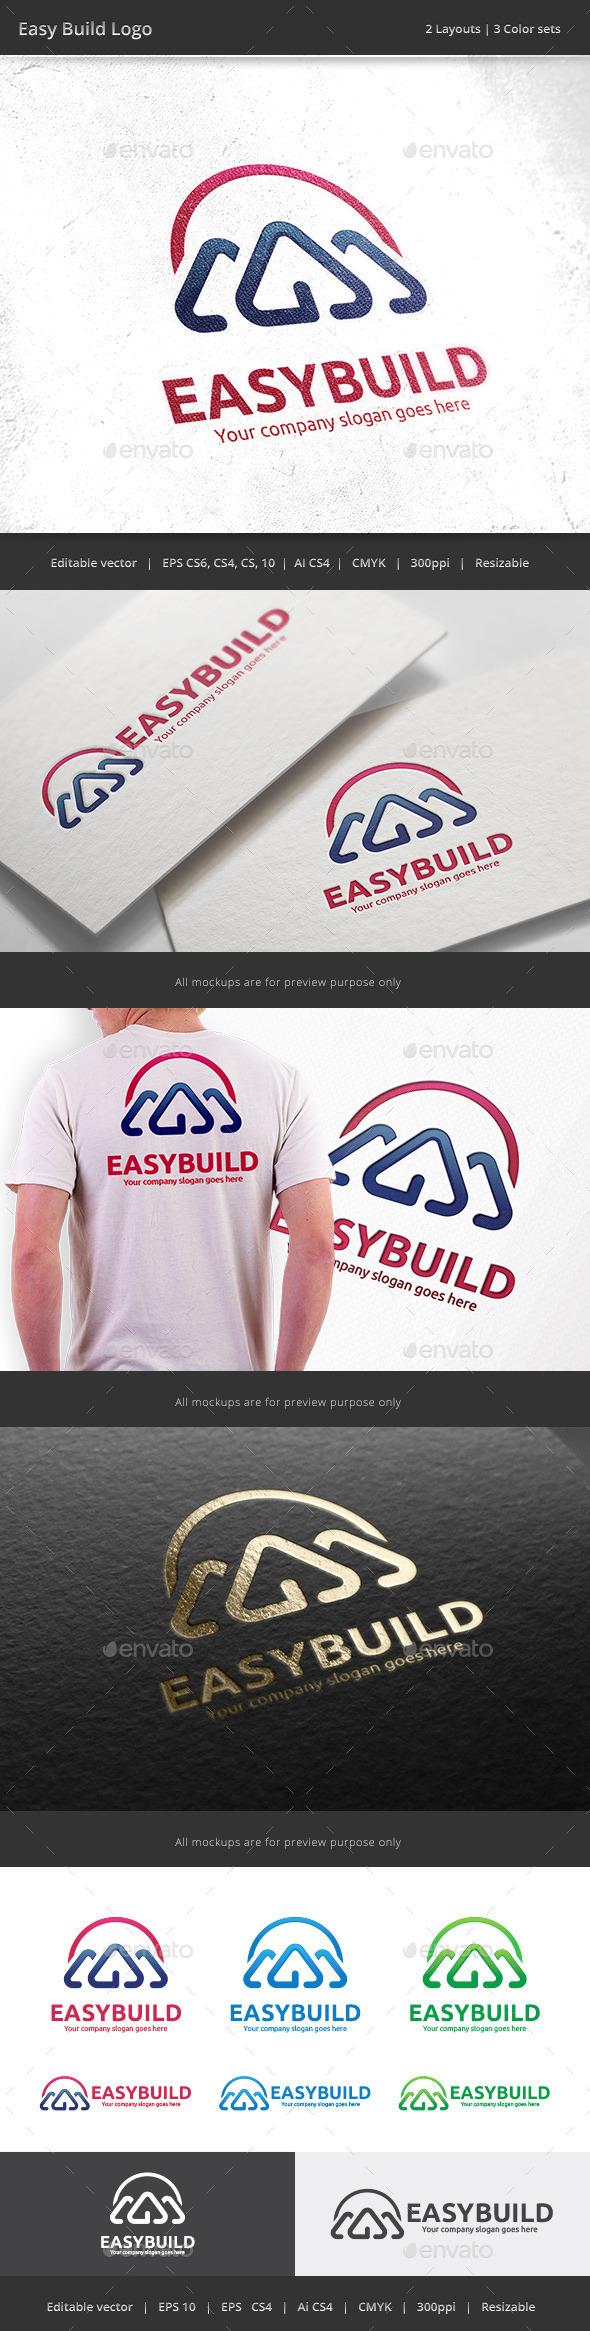 GraphicRiver Easy Build House Logo 10140644